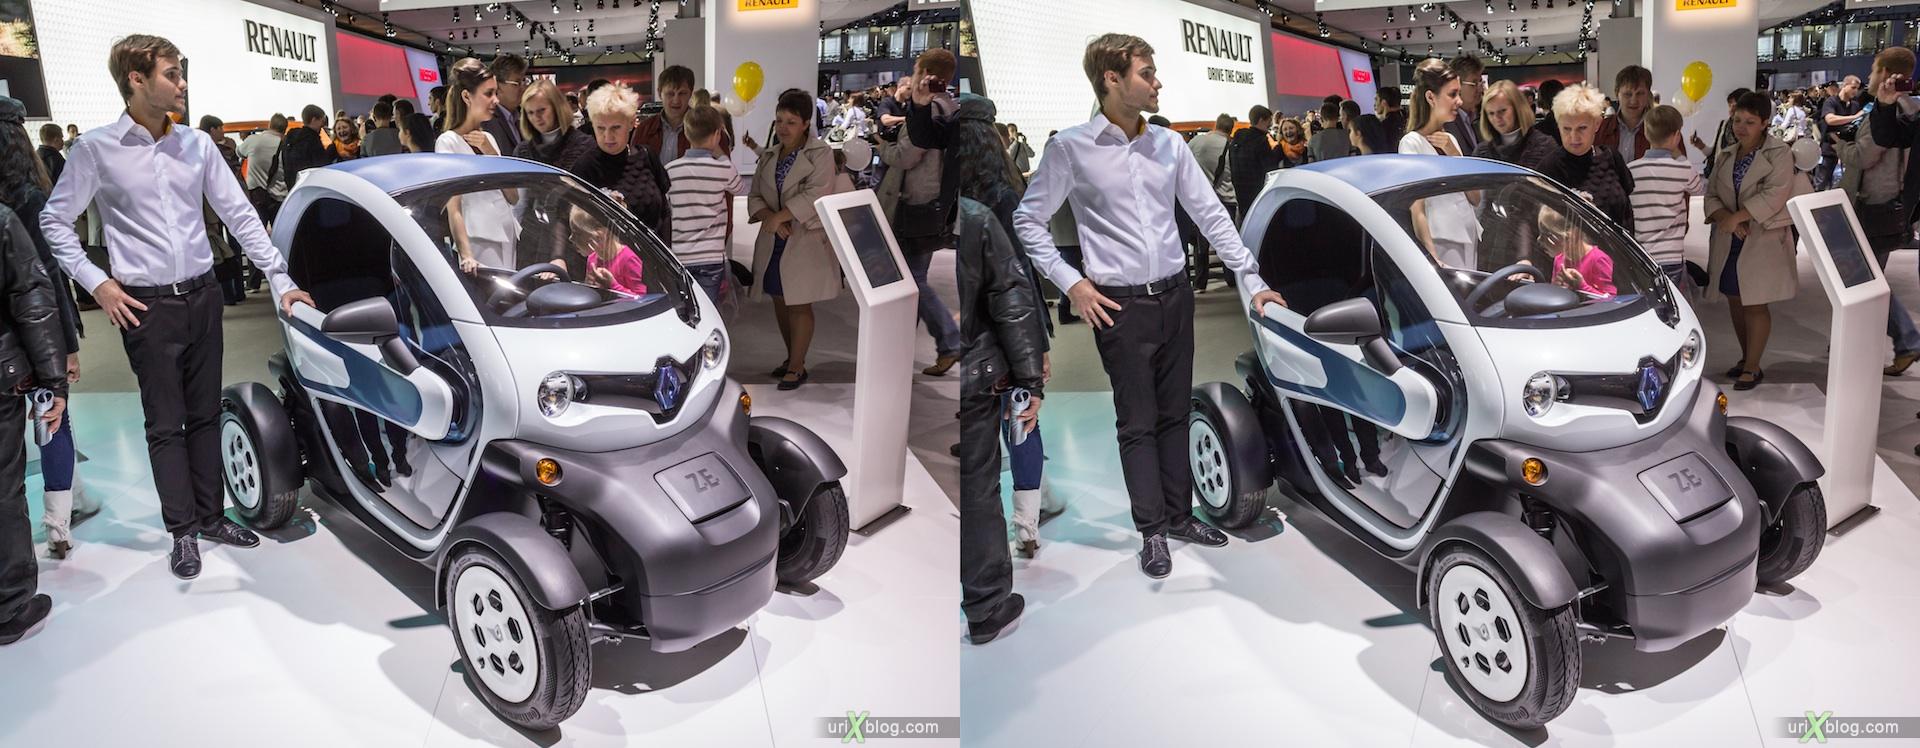 2012, Renault TWIZY ZE, Московский международный автомобильный салон, ММАС, Крокус Экспо, 3D, стереопара